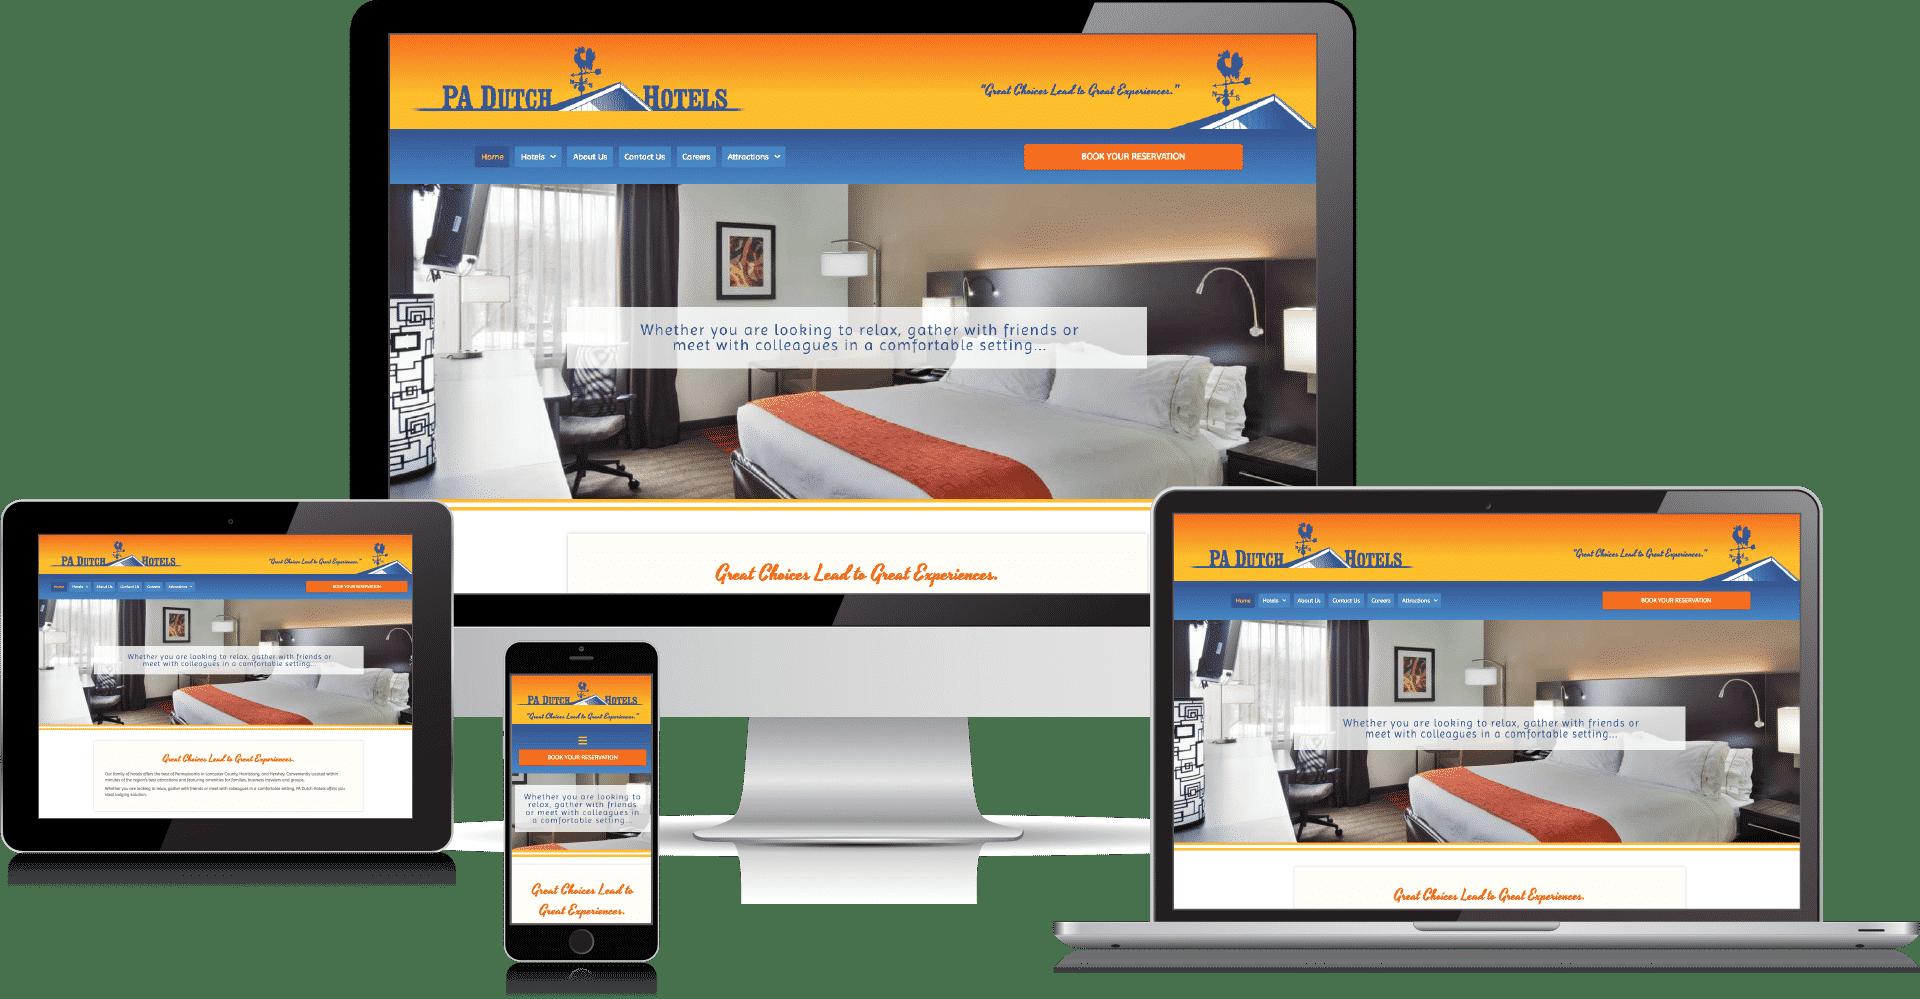 pa dutch hotels website